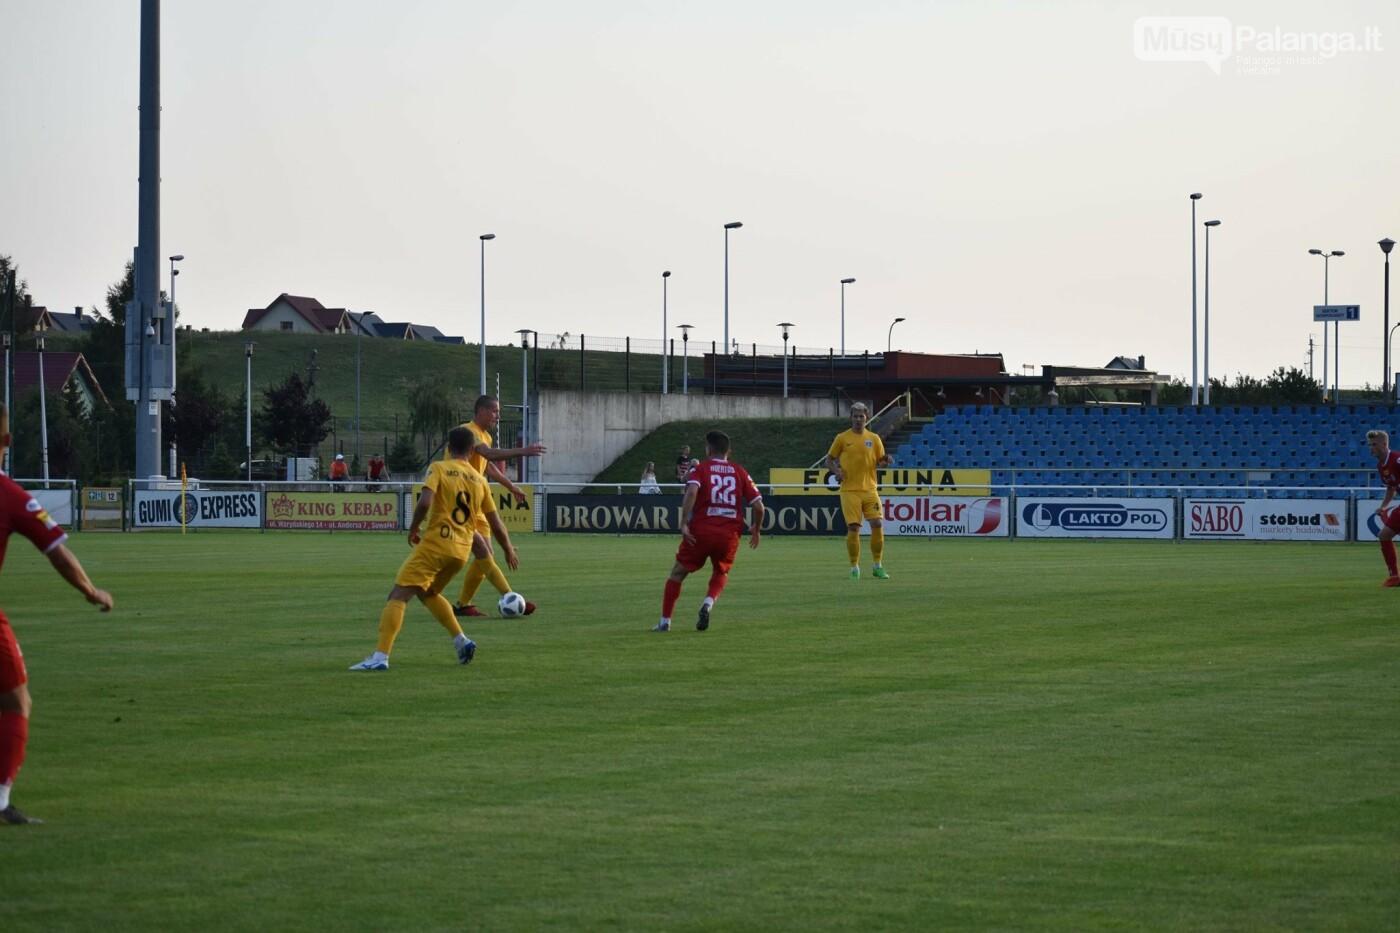 Kontrolinėse rungtynėse Lenkijoje – būrys peržiūroje dalyvaujančių futbolininkų bei naujas treneris, nuotrauka-44